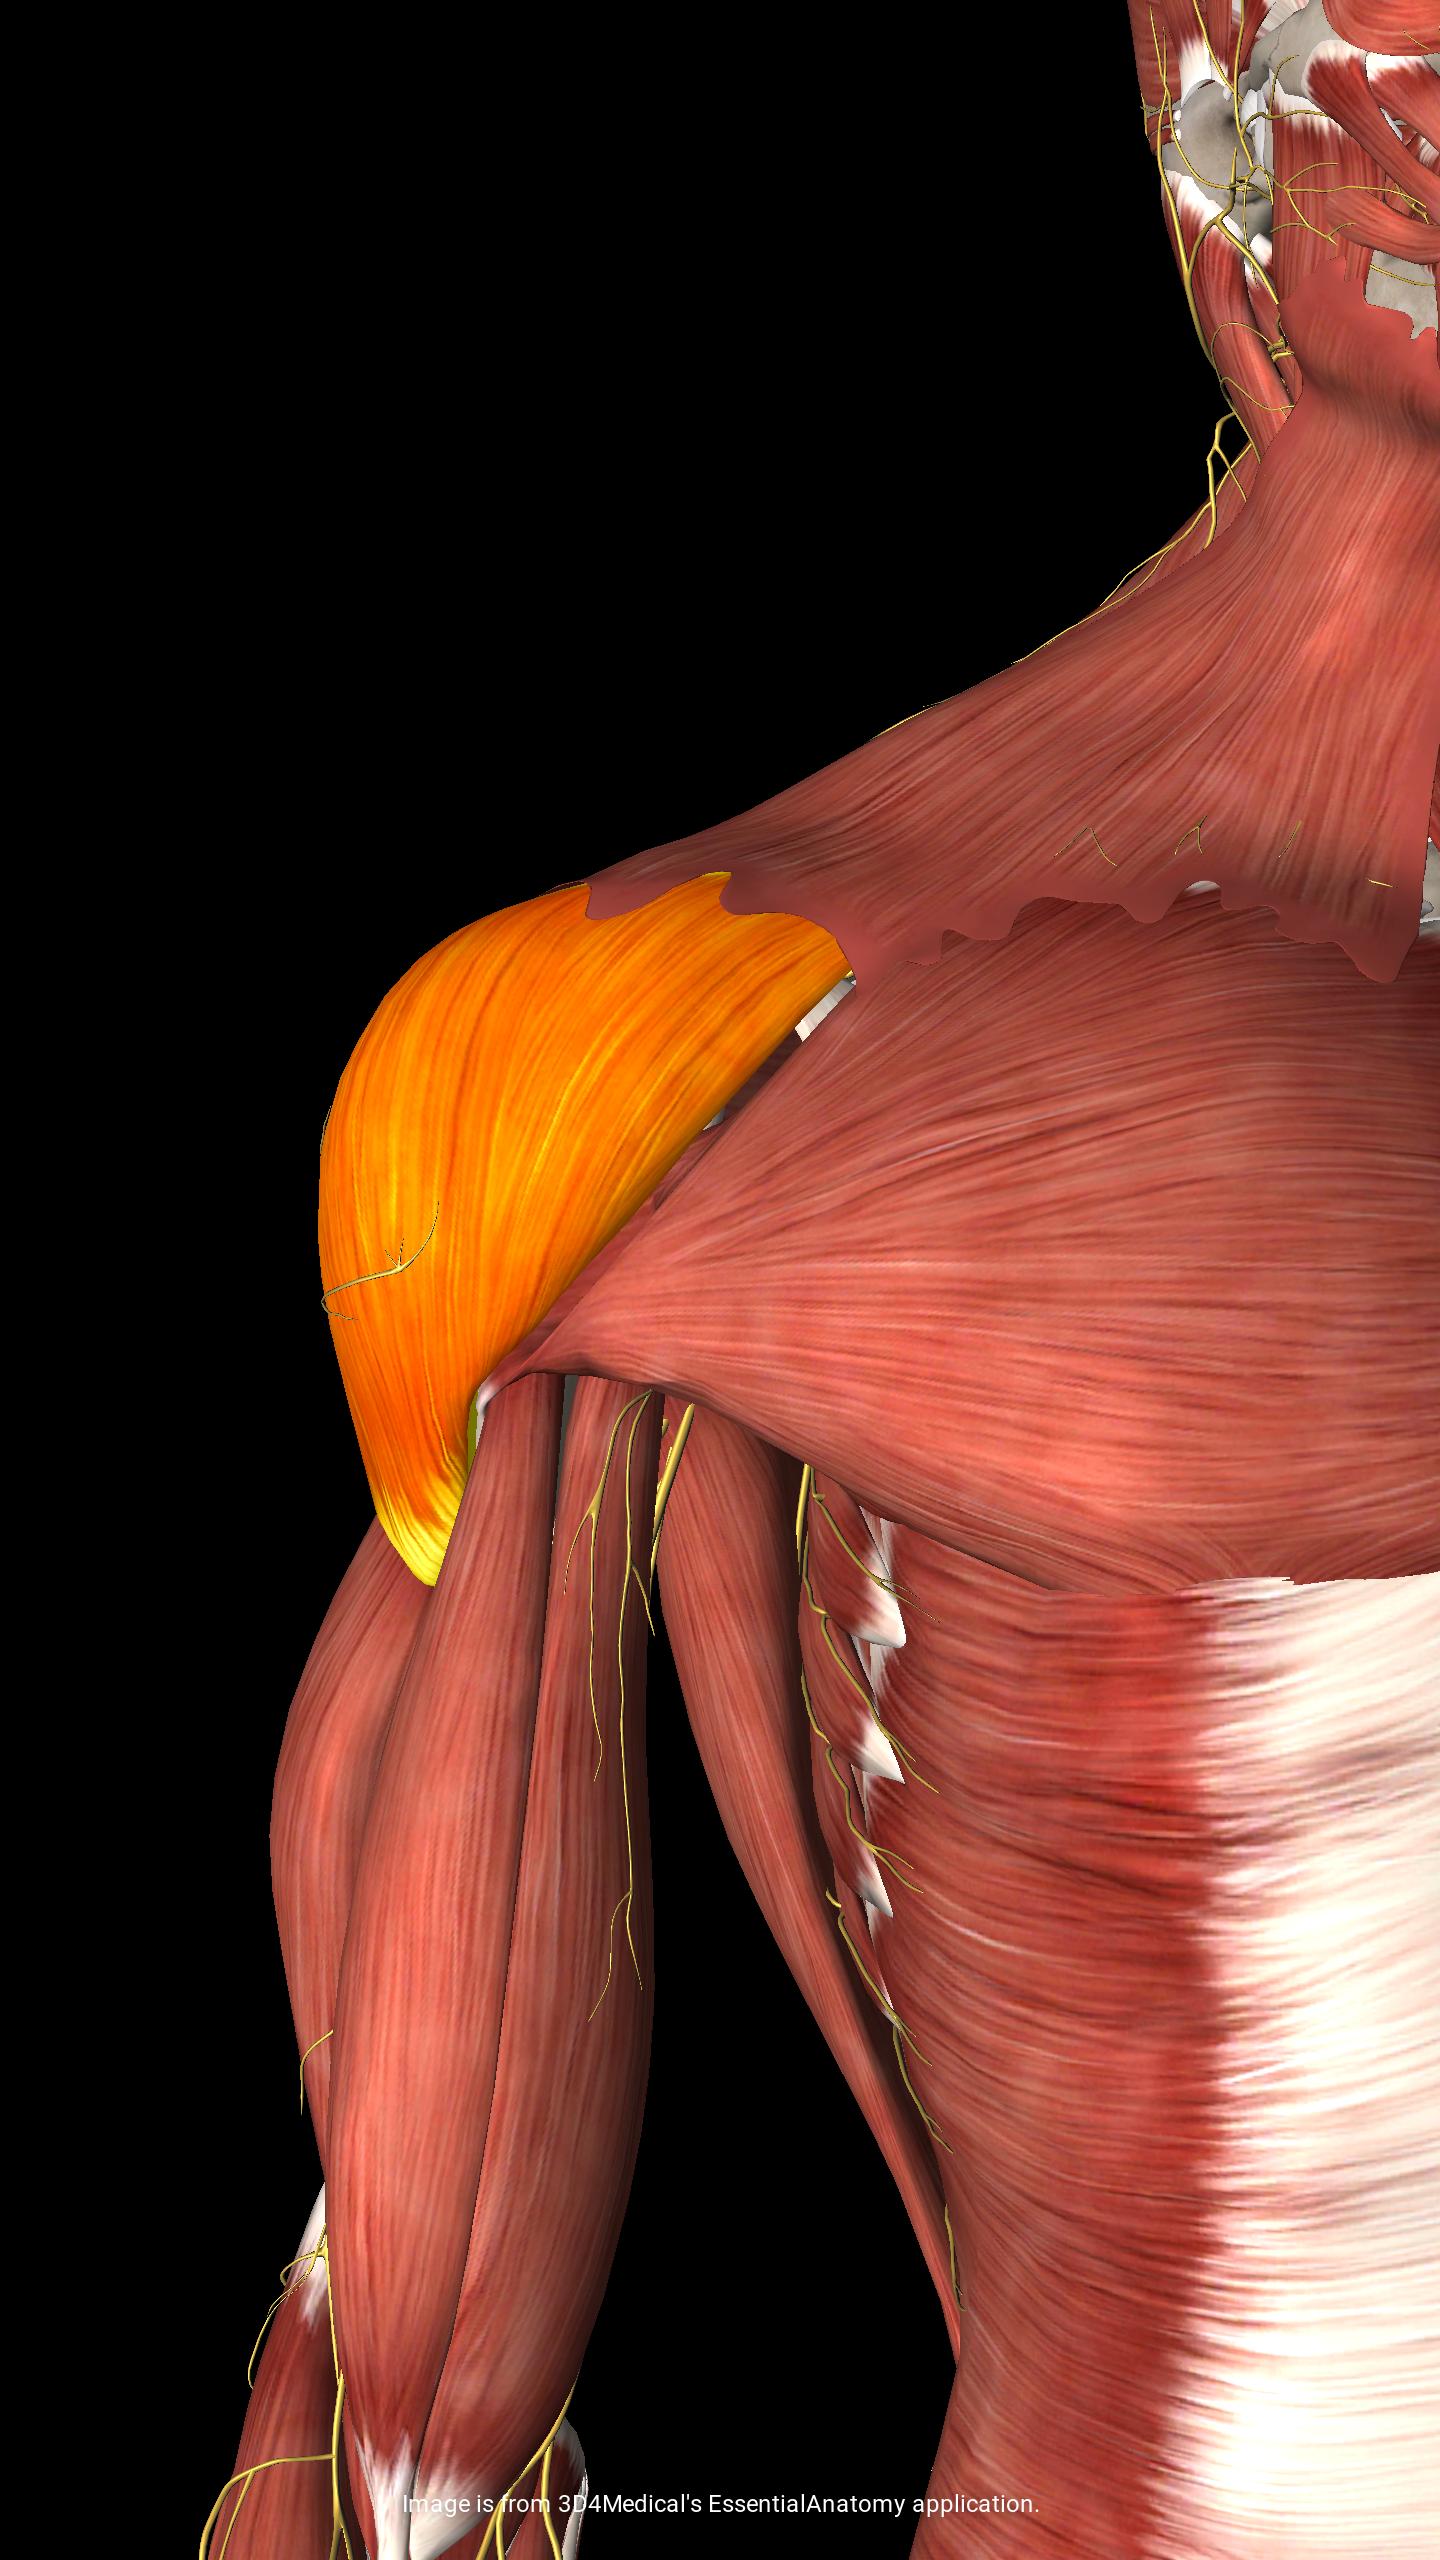 שריר הדלתואיד בכתף כמקור לכאב מיופציאלי